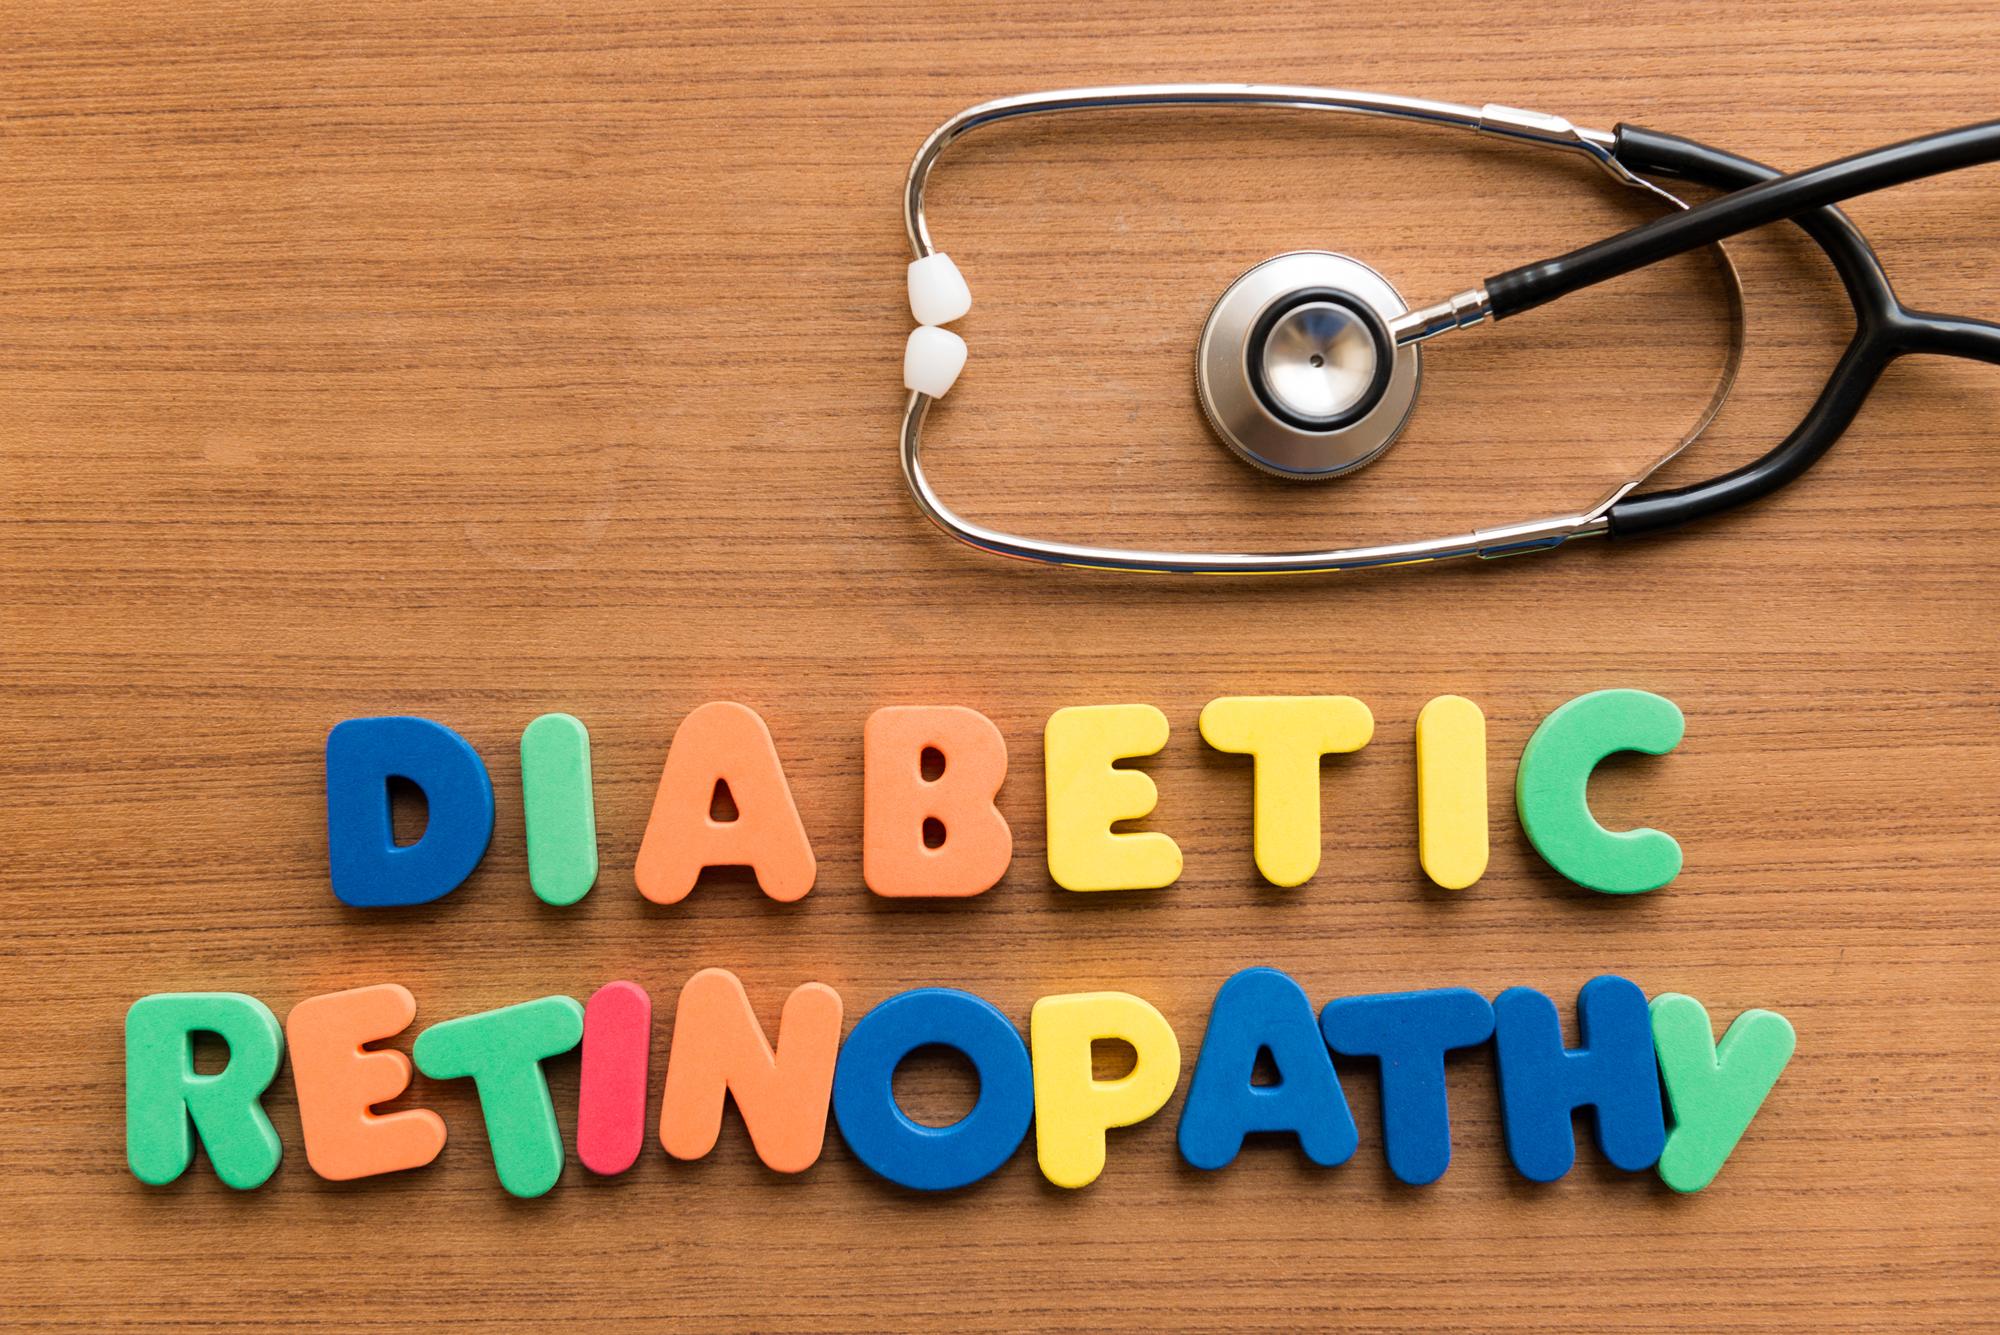 Diabetic Retinopathy is the eye disease caused by diabetes | Burlington County Eye